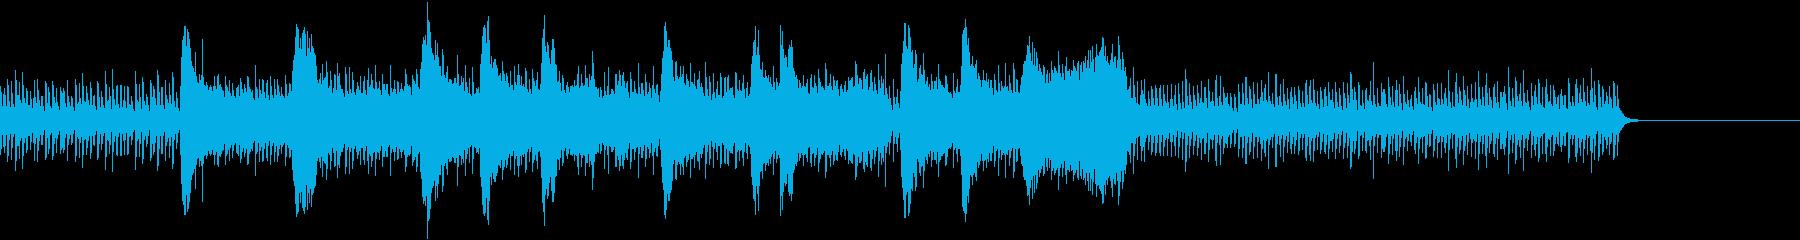 ドラムとストリングスの戦闘シーンの曲の再生済みの波形